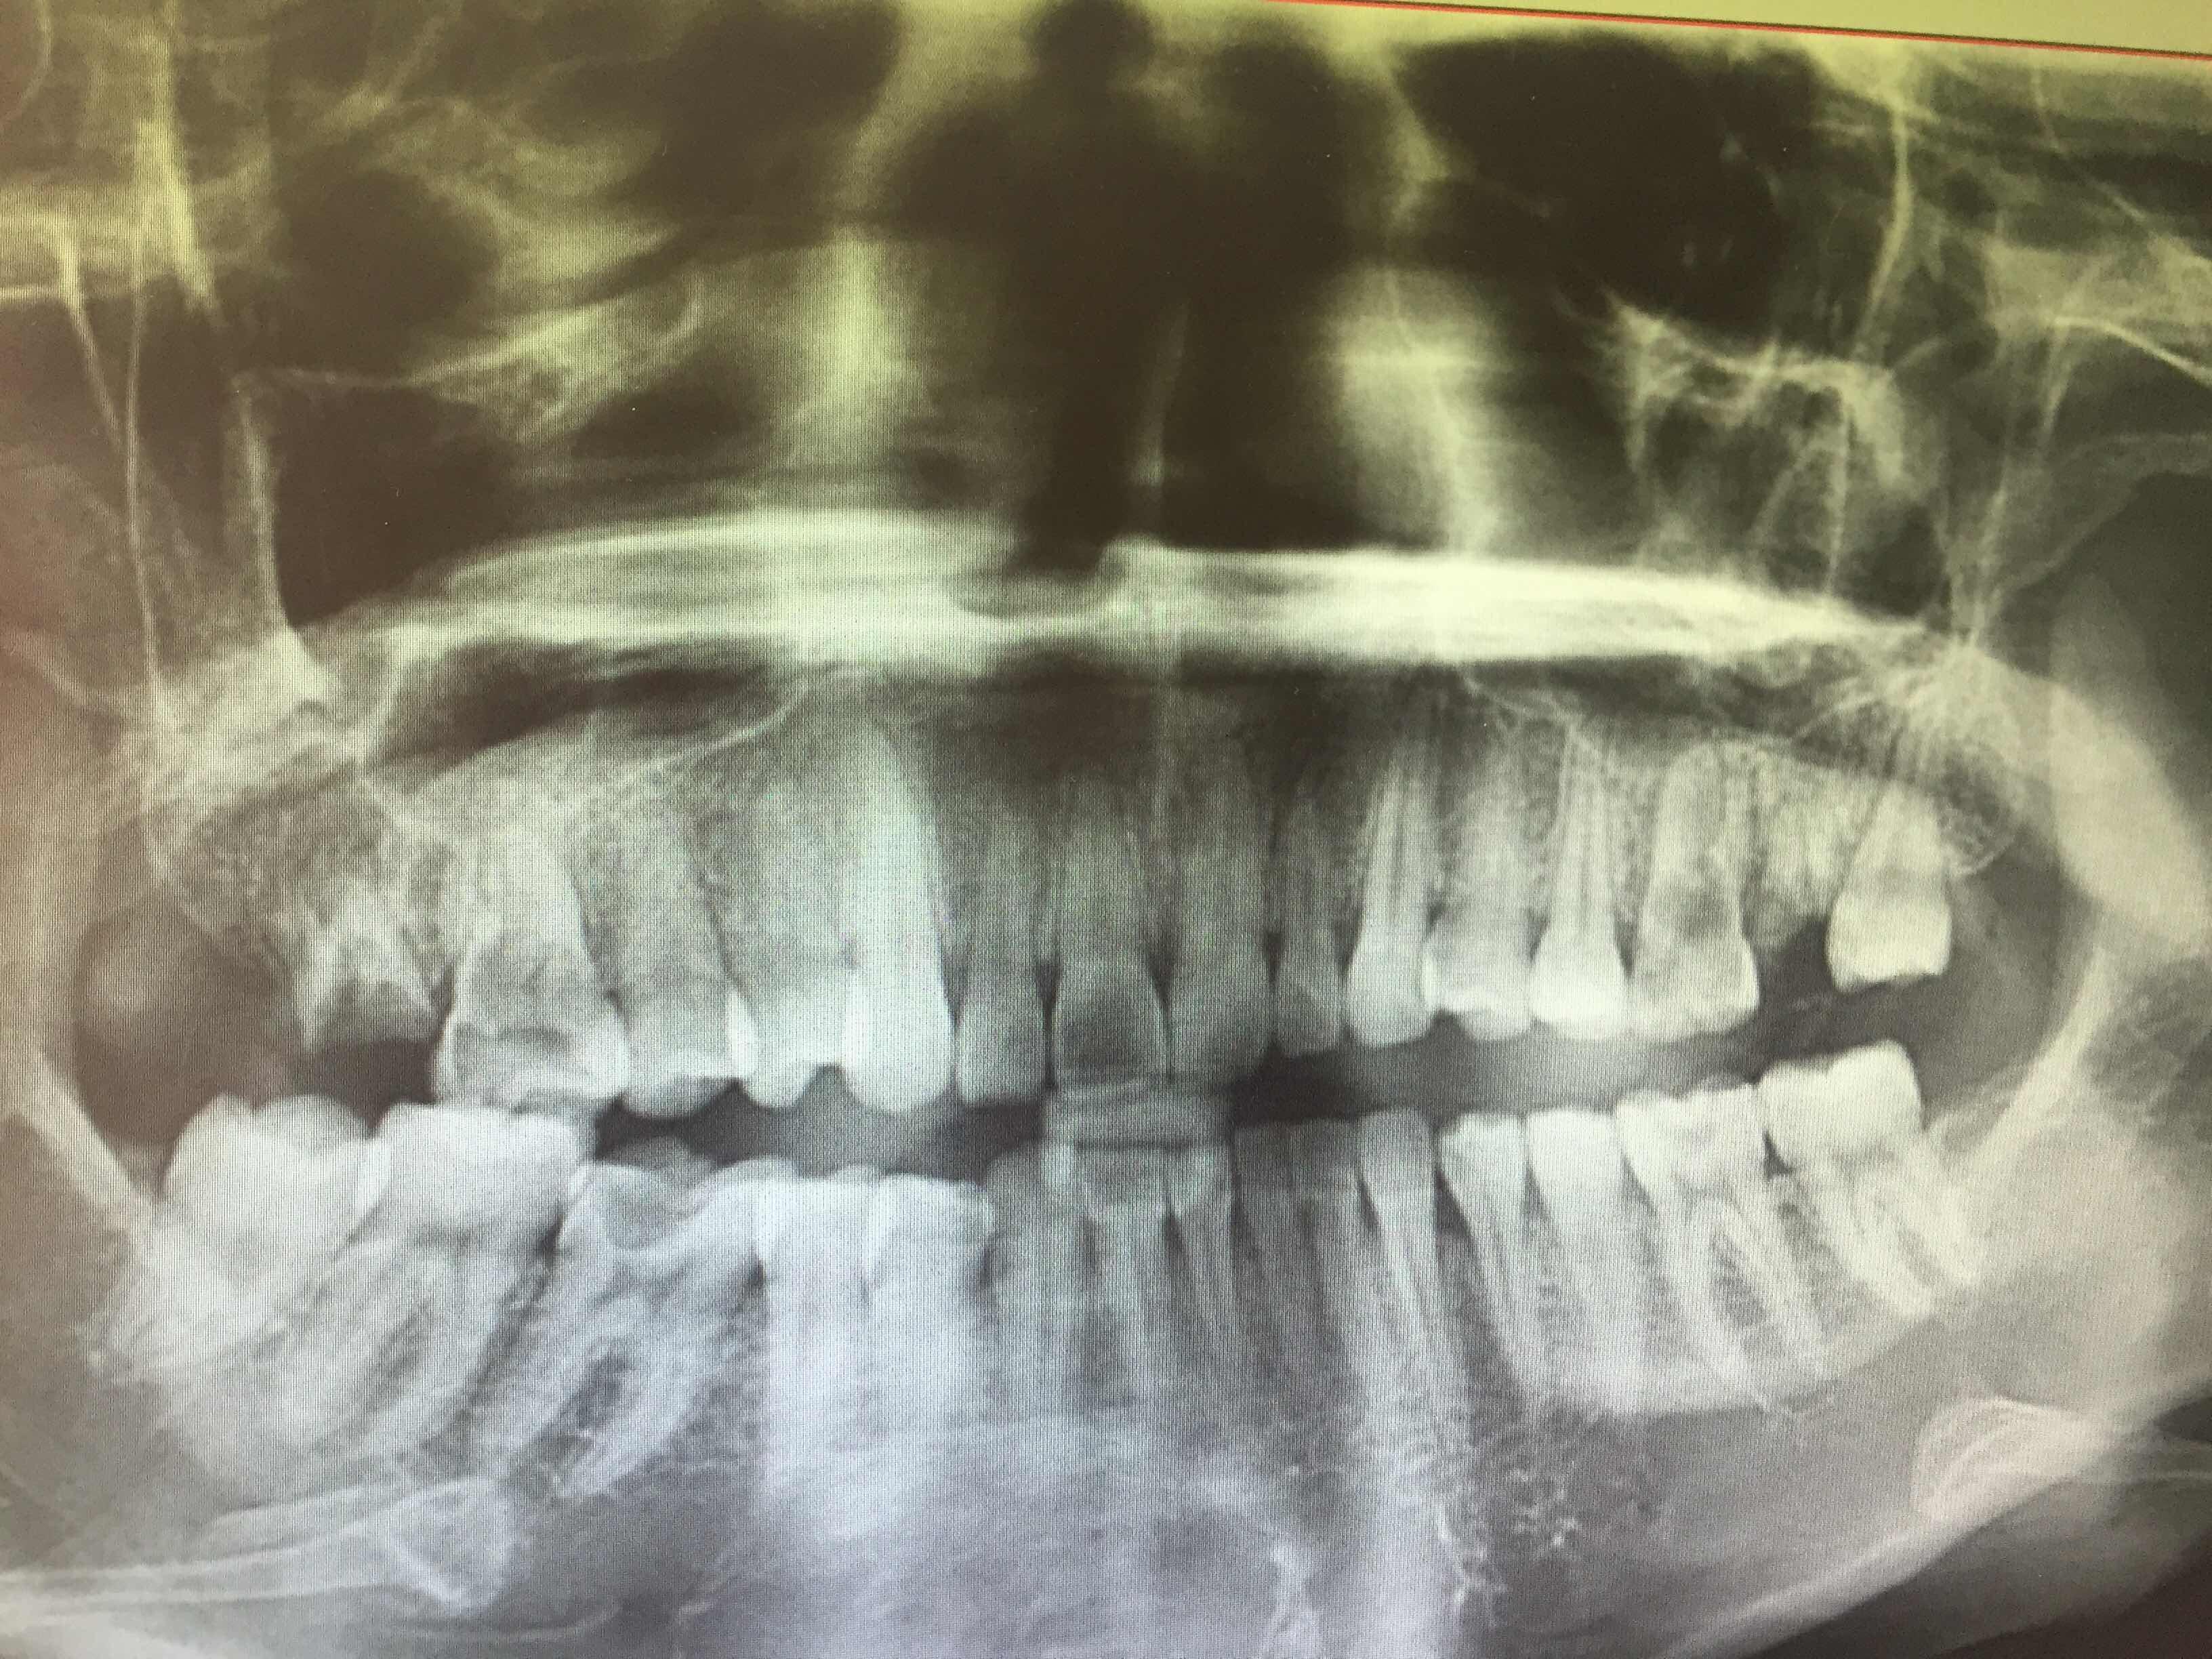 年轻人做种植牙效果怎样?今天牙齿拍了个片,医生说下面两颗做针管治疗,上面四颗都需要拔掉,怎么办好呢?给点意见吧